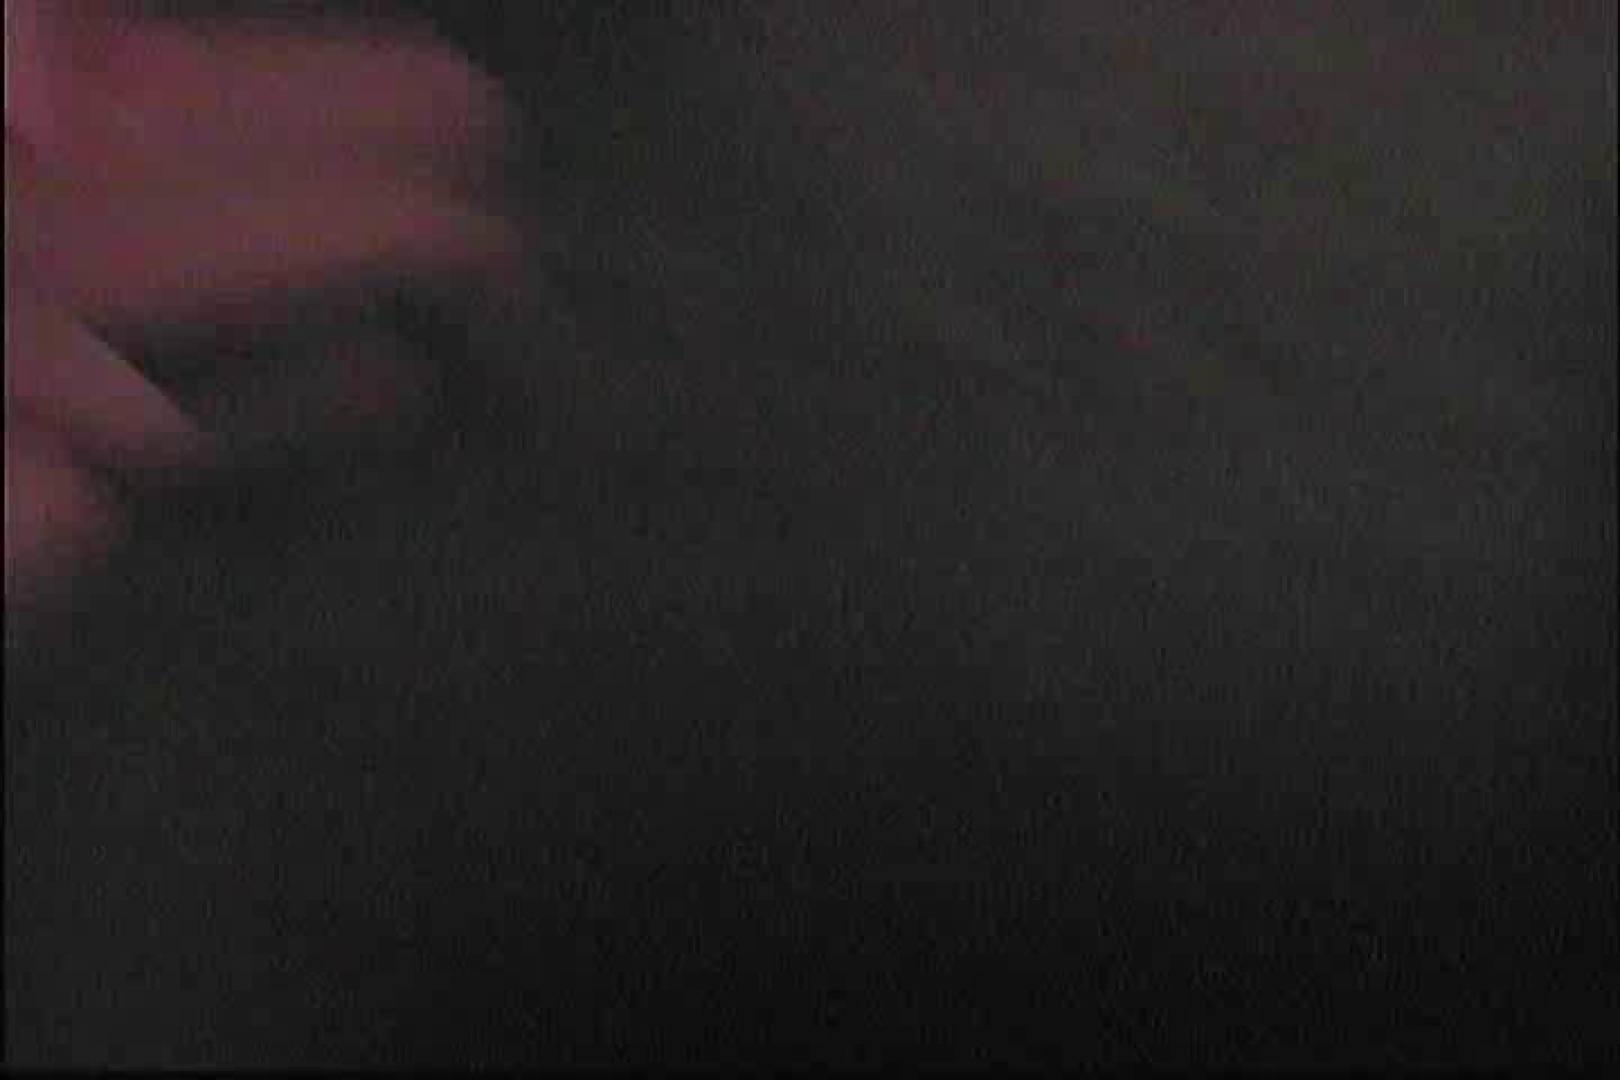 激撮!! 接写天井裏の刺客Vol.6 OLセックス | 接写  53画像 35